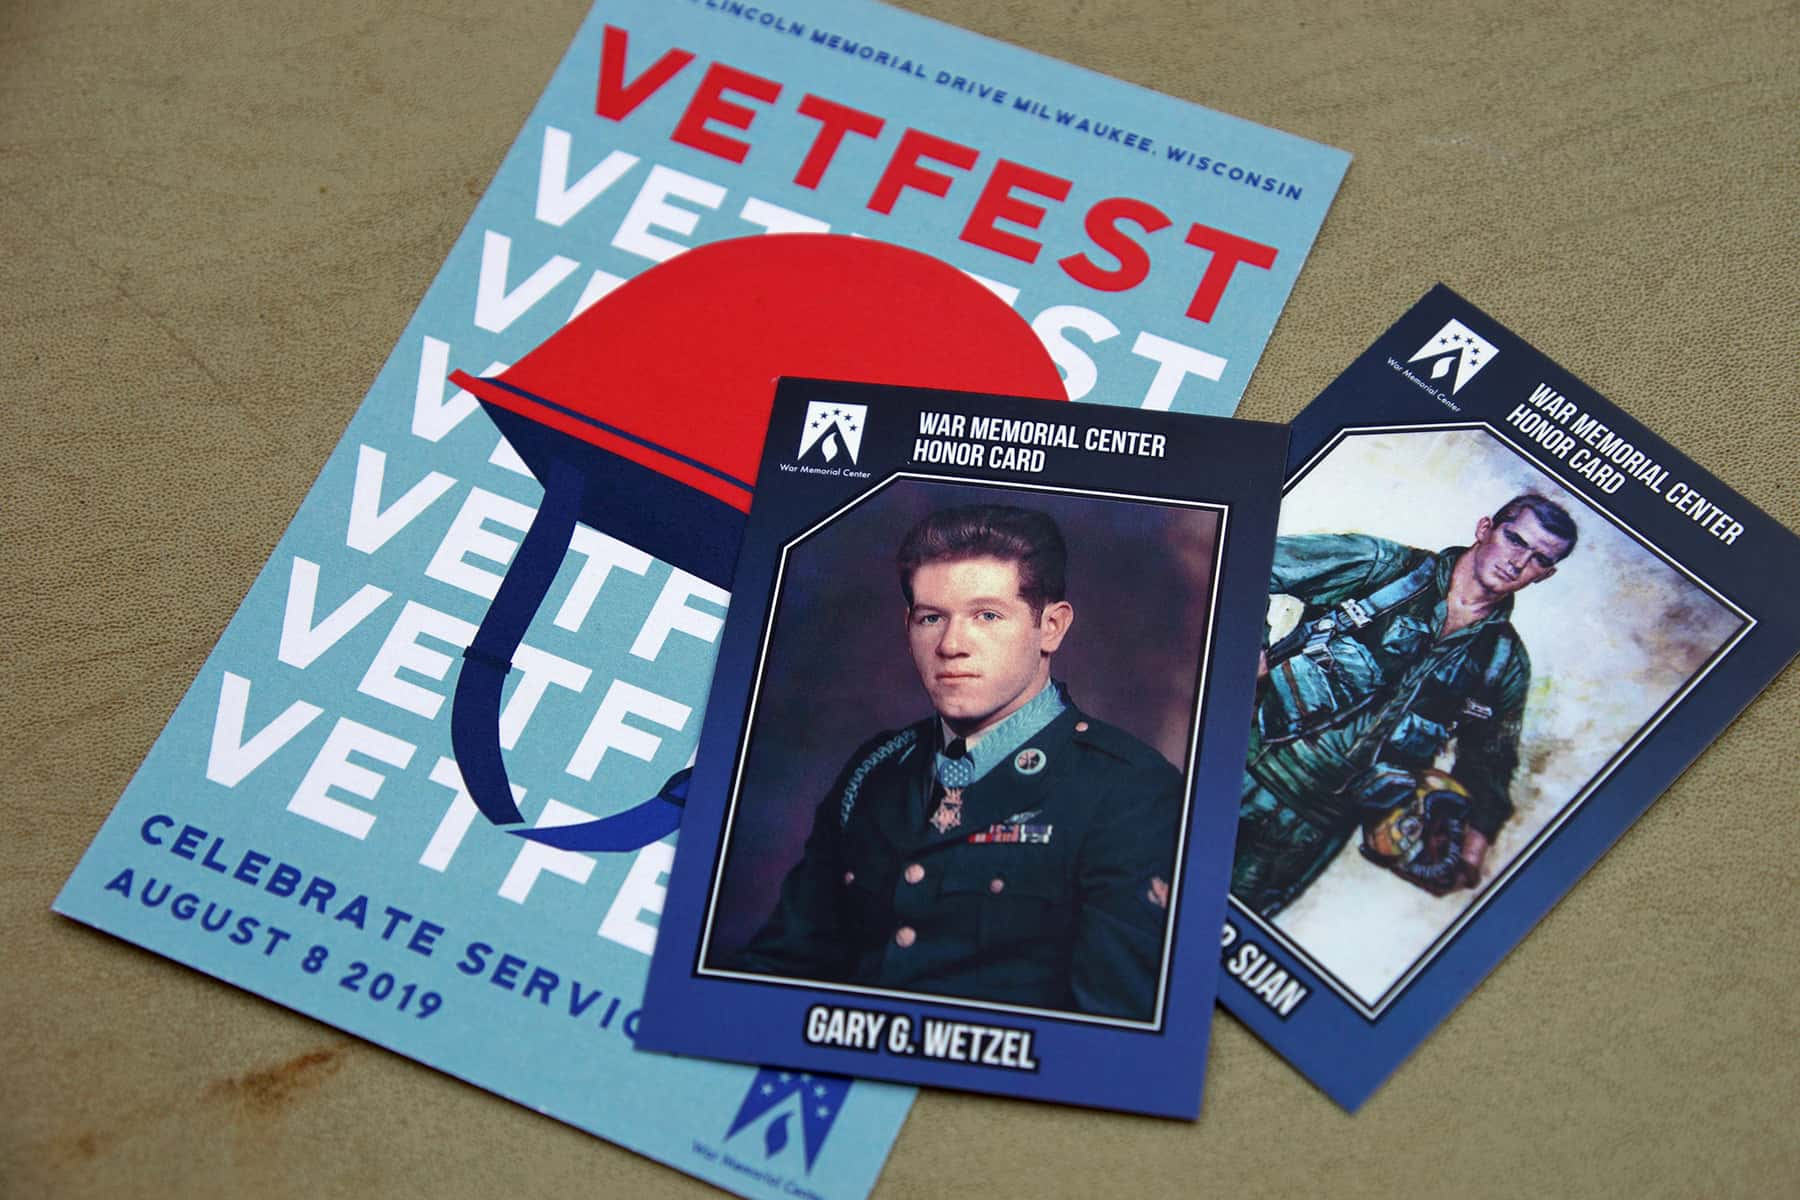 080919_vetfest_028